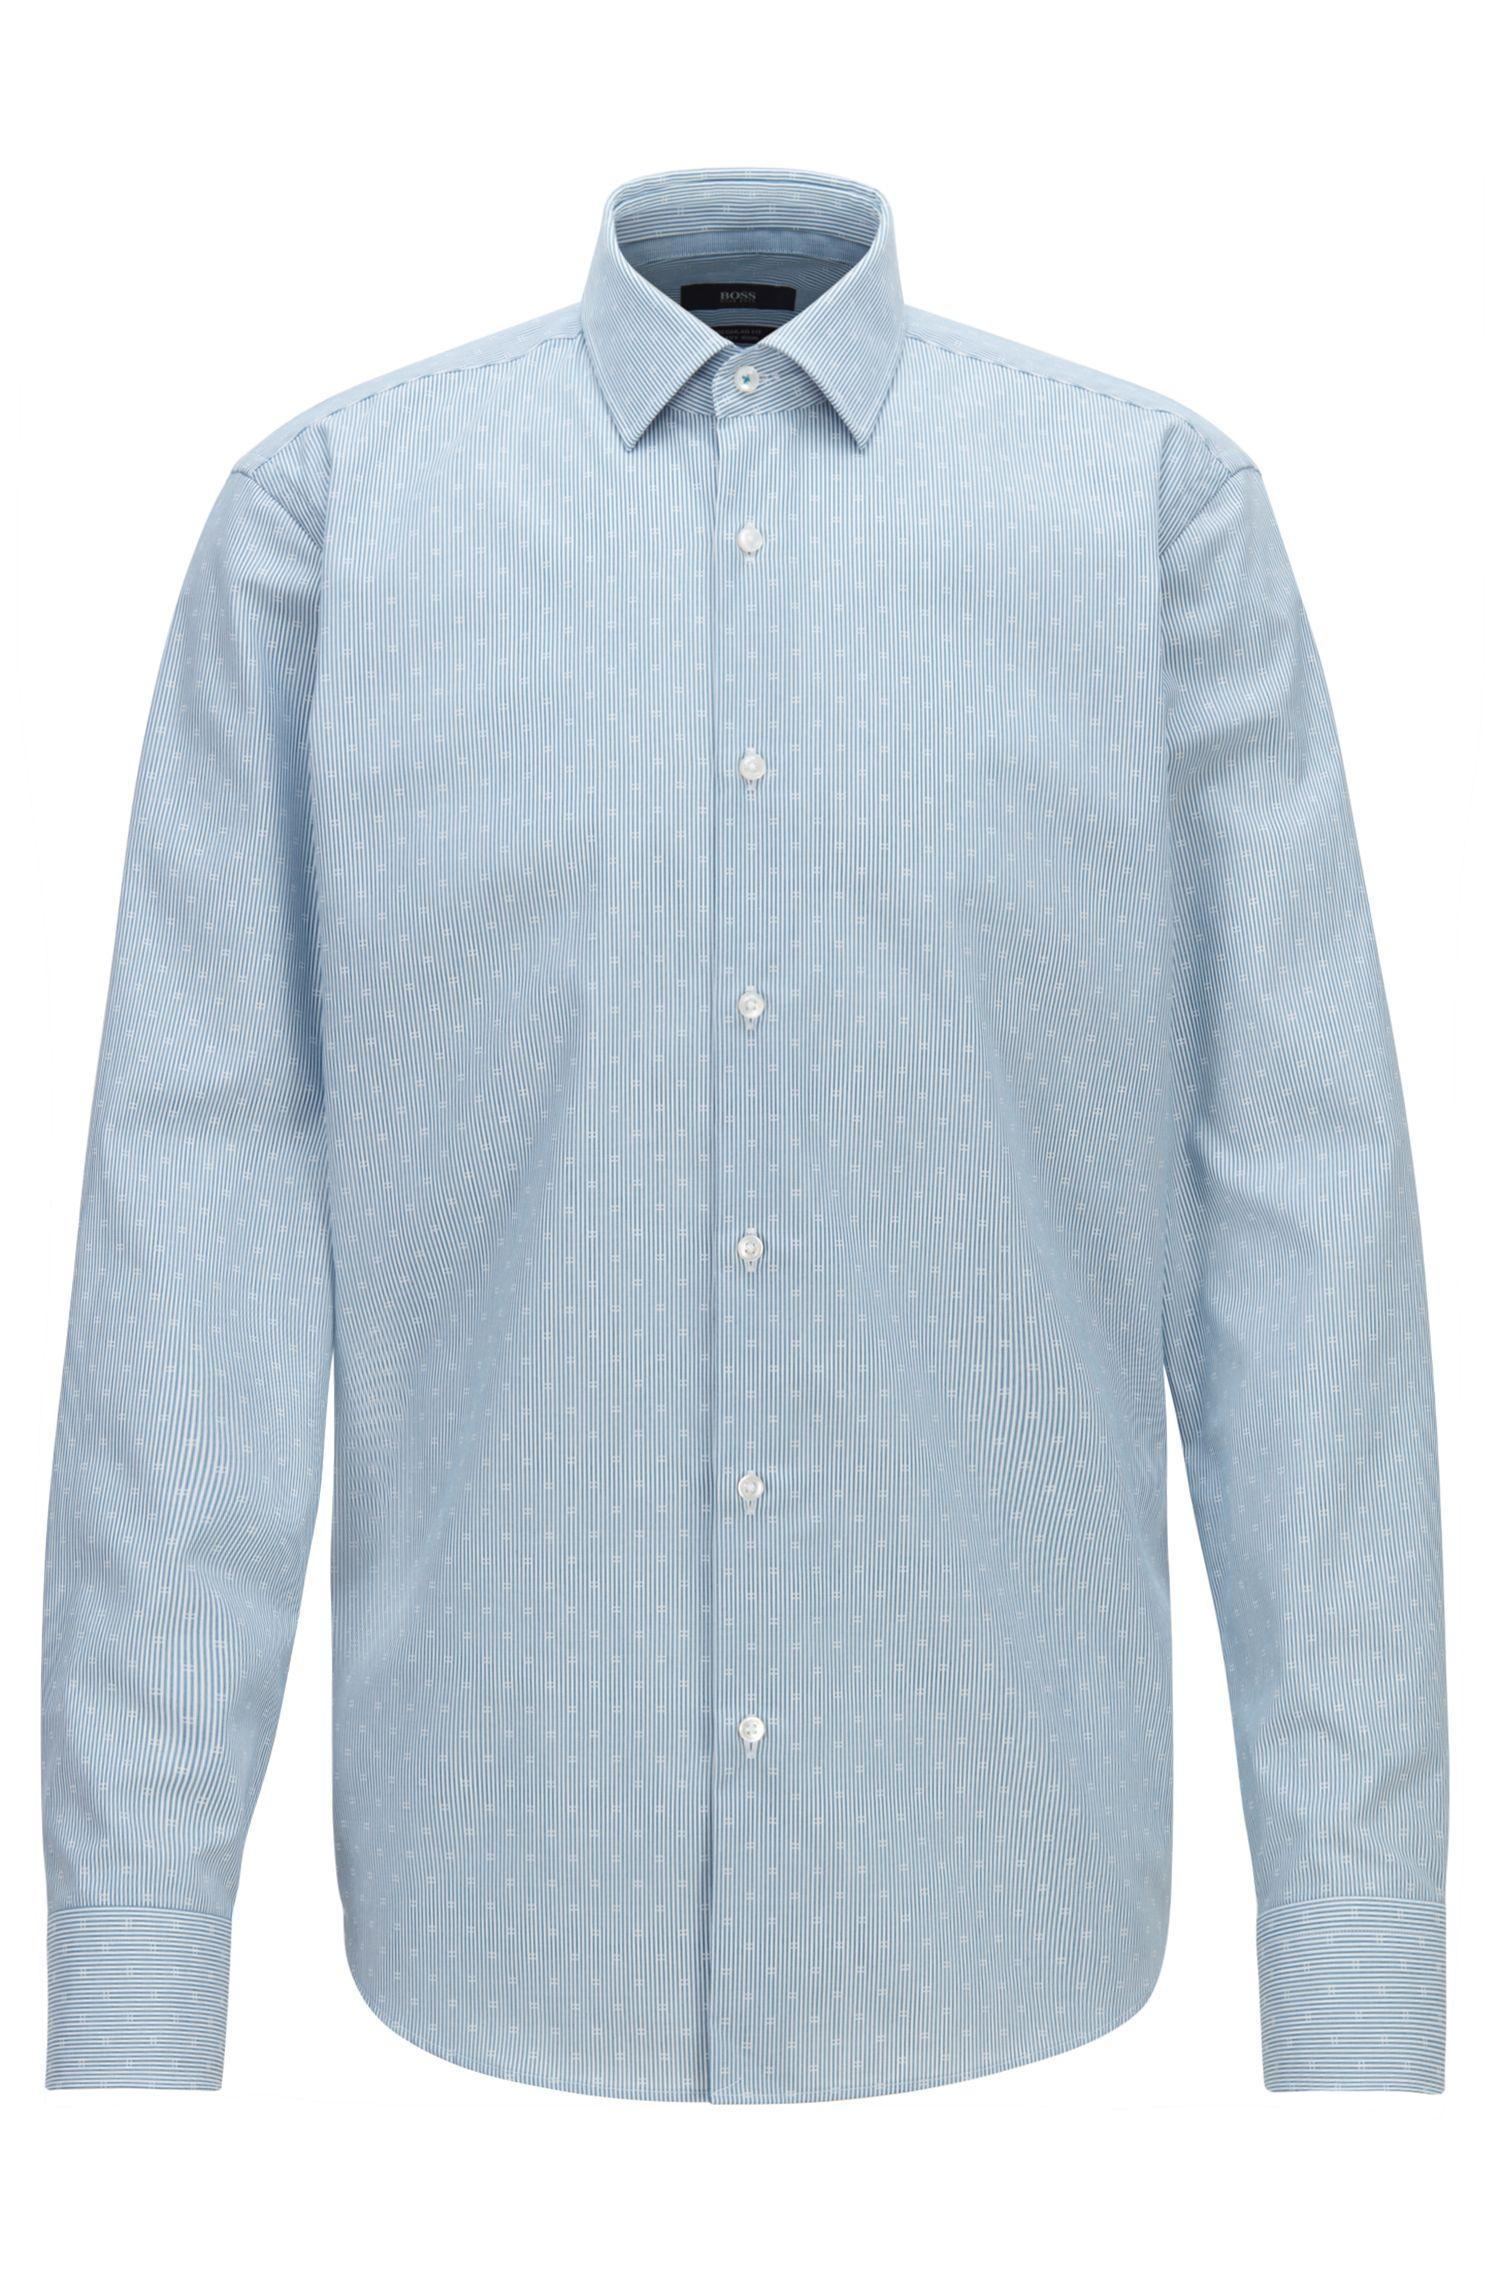 Camicia regular fit in popeline di cotone dobby facile da stirare, Turchese